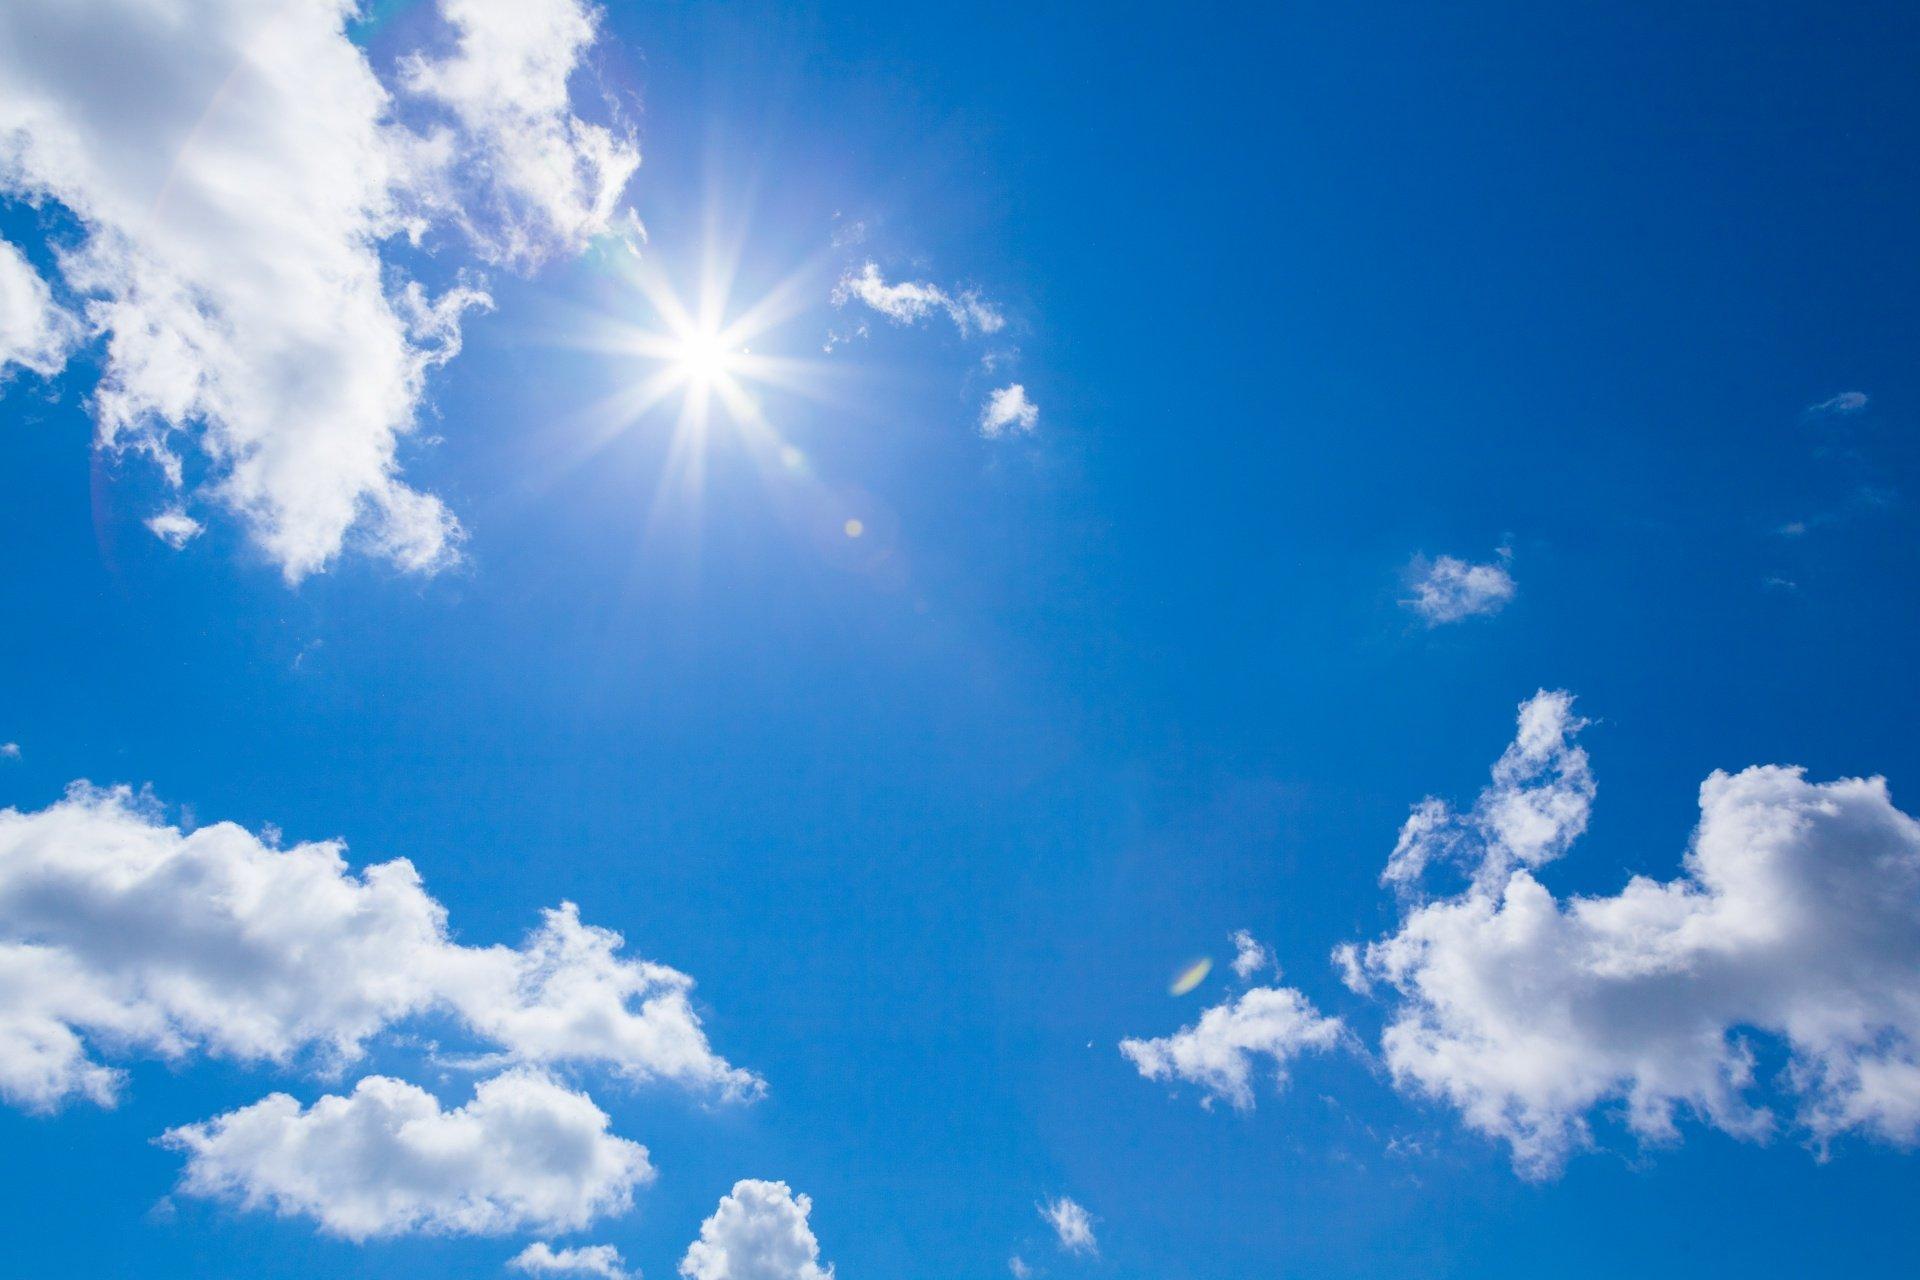 Pourquoi Le Ciel Est Il Bleu Actualites Meteo Meteo Bretagne